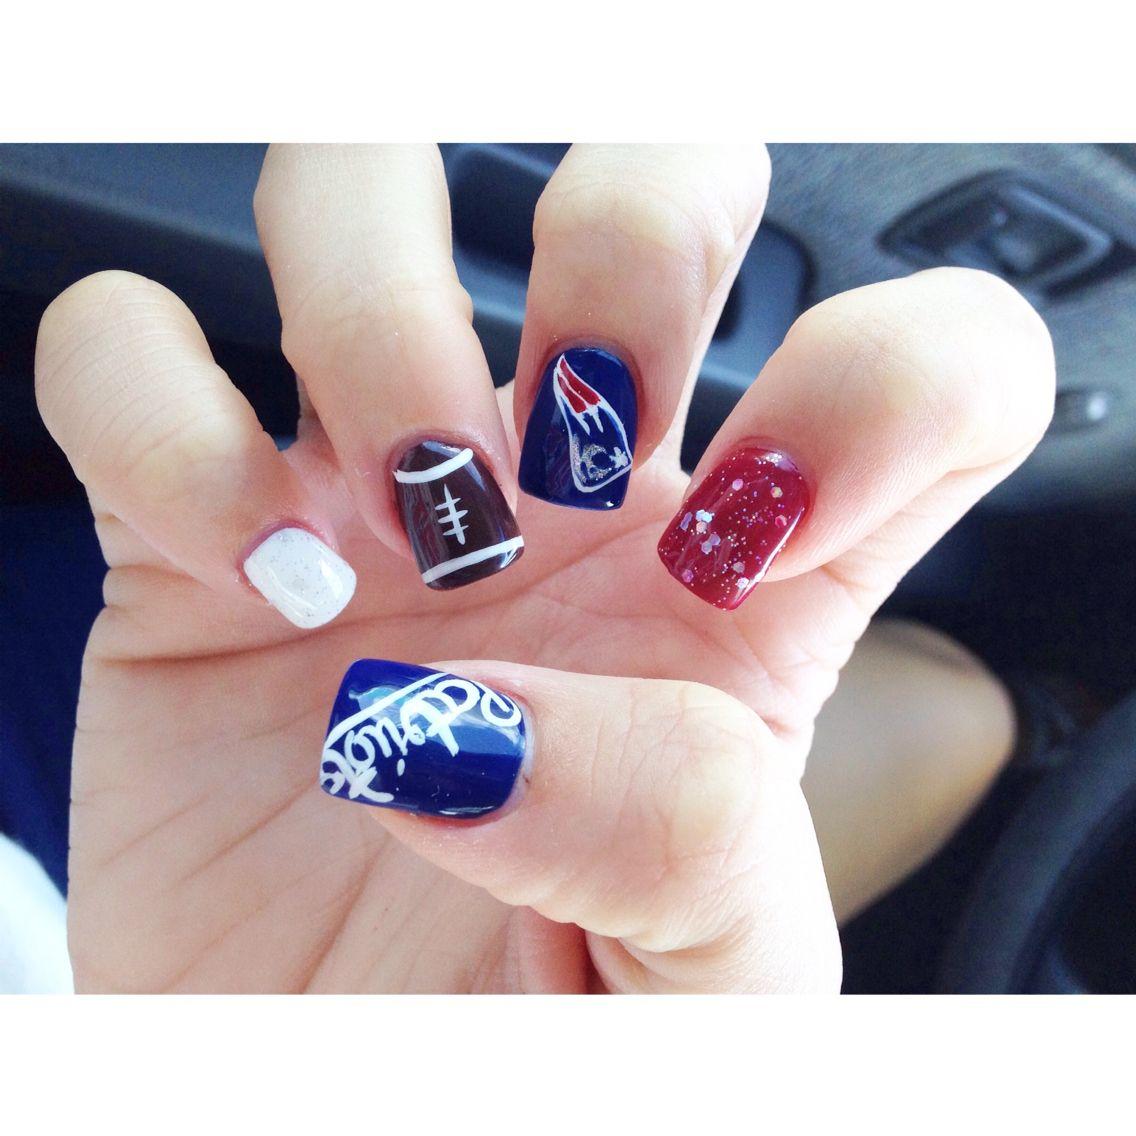 New England Patriots Nails Nflnails Footballseason Patriotsnation Patriots Nail Art Nails Patriotic Nails Design